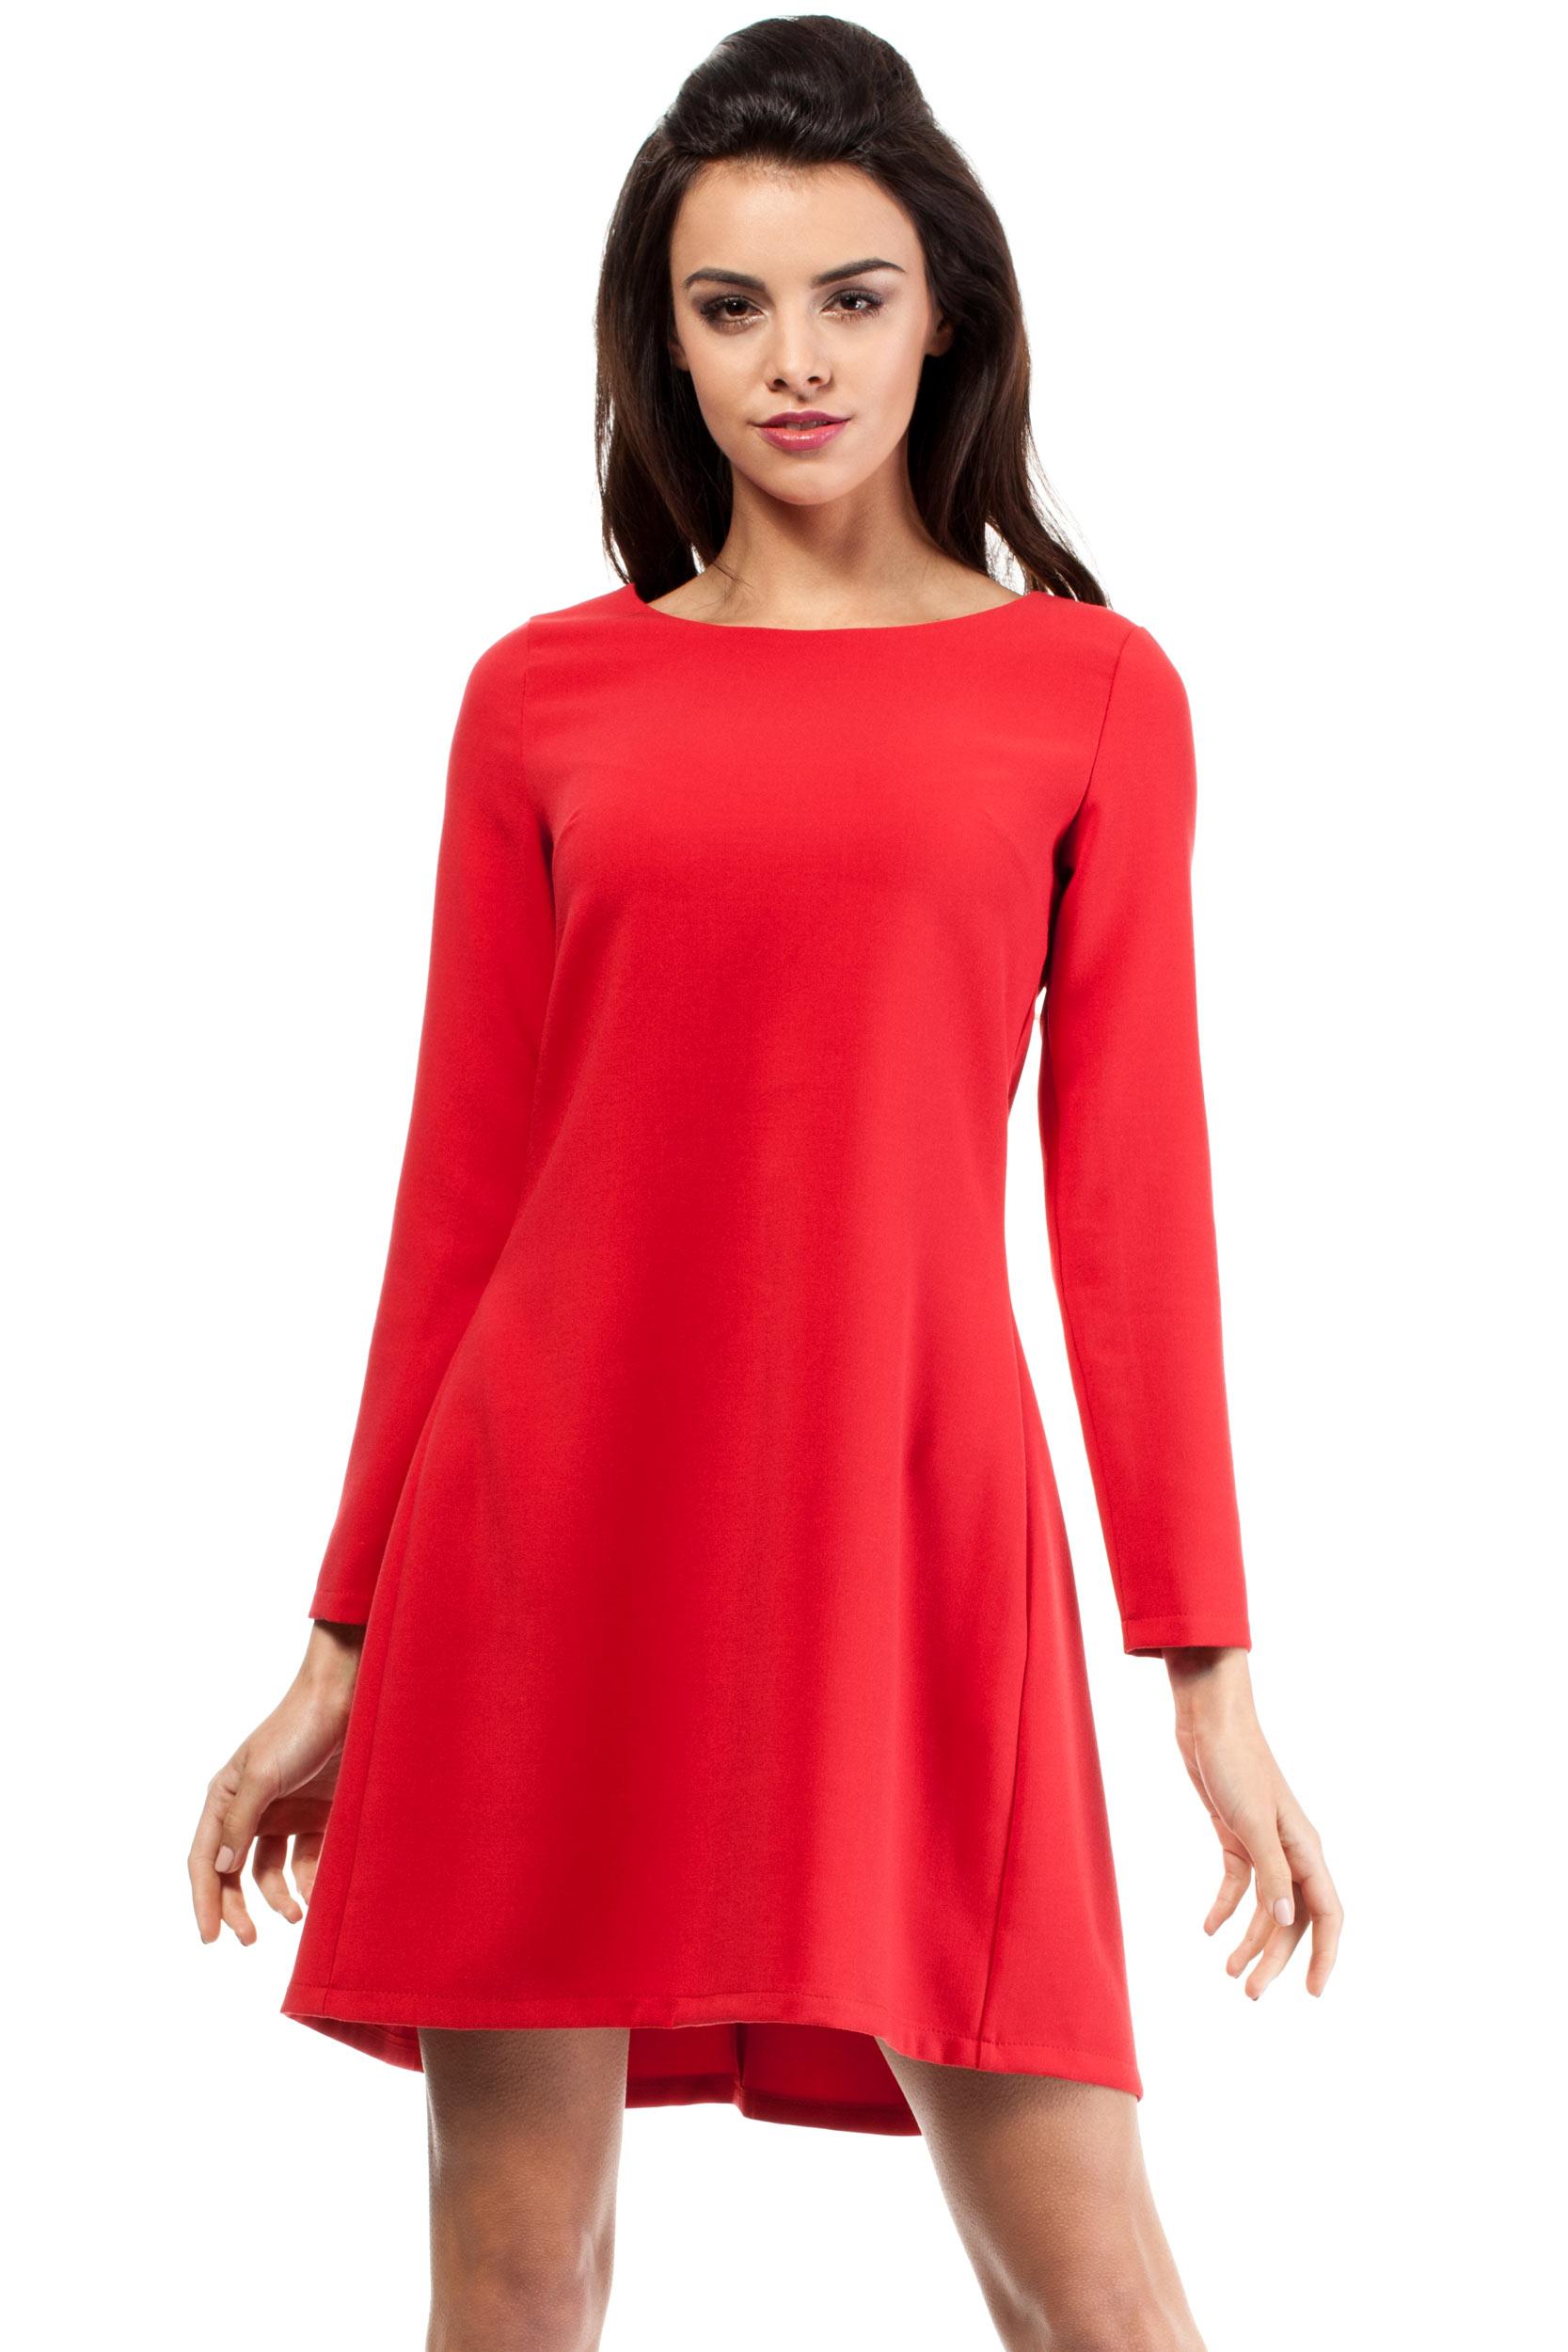 Společenské šaty  model 48679 Moe